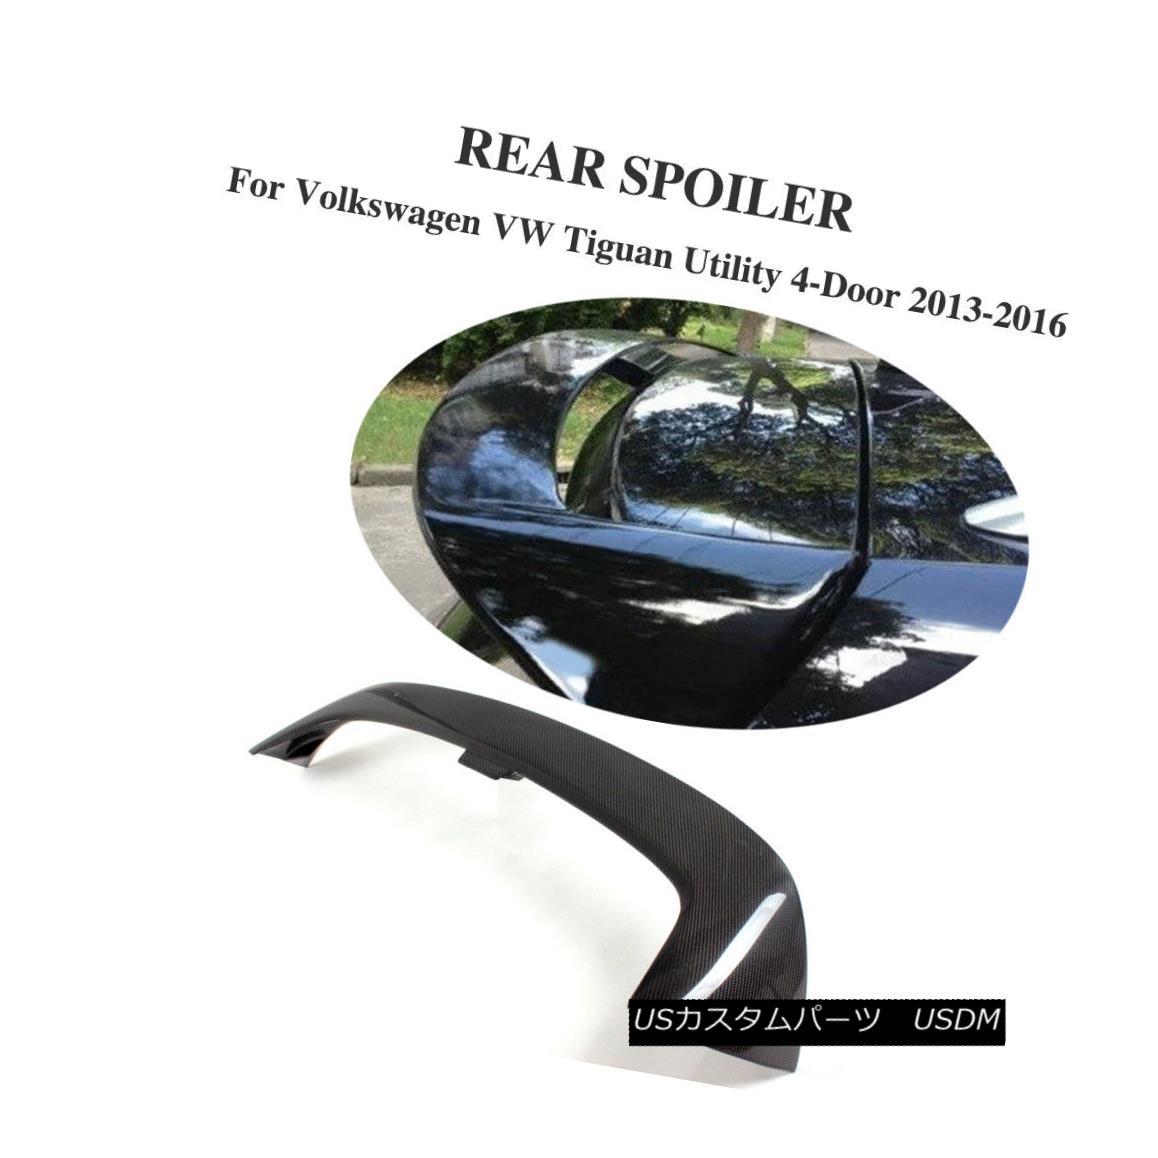 エアロパーツ Carbon Fiber Rear Roof Spoiler Top Wing Lip Fit for Volkswagon VW Tiguan 13-16 フォルクスワーゲンVW Tiguan 13-16用カーボンファイバーリアルーフスポイラートップウィングリップフィット